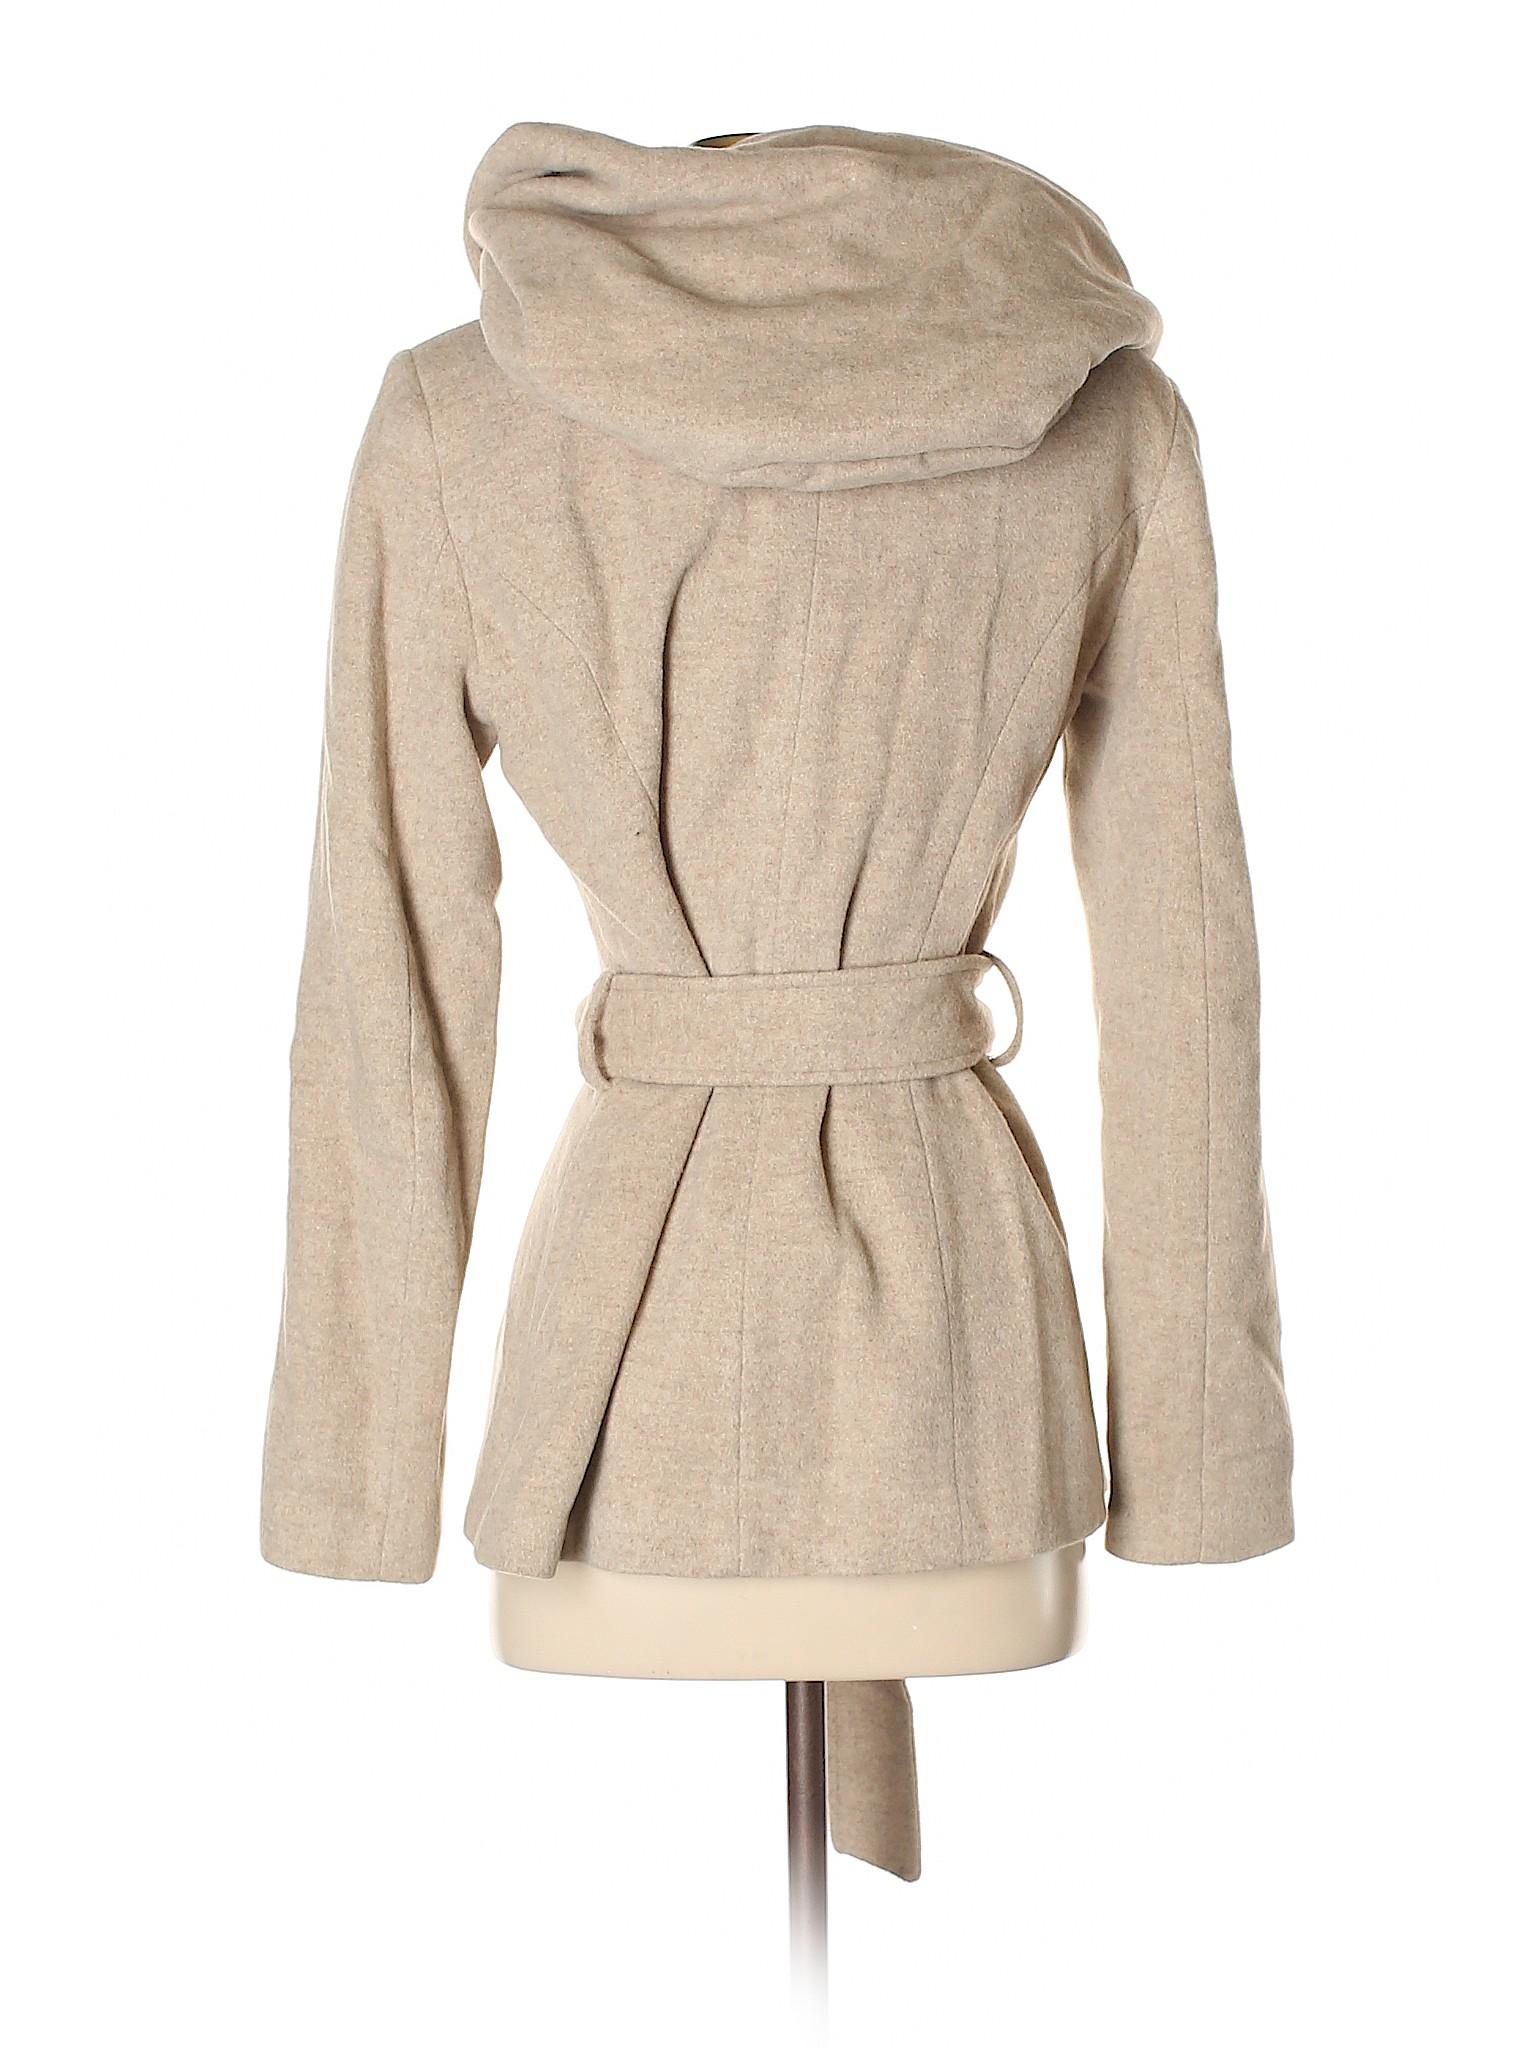 Basic Zara Boutique Coat Zara Coat Boutique Coat Coat Boutique Boutique Zara Basic Zara Basic Basic qHOBwS